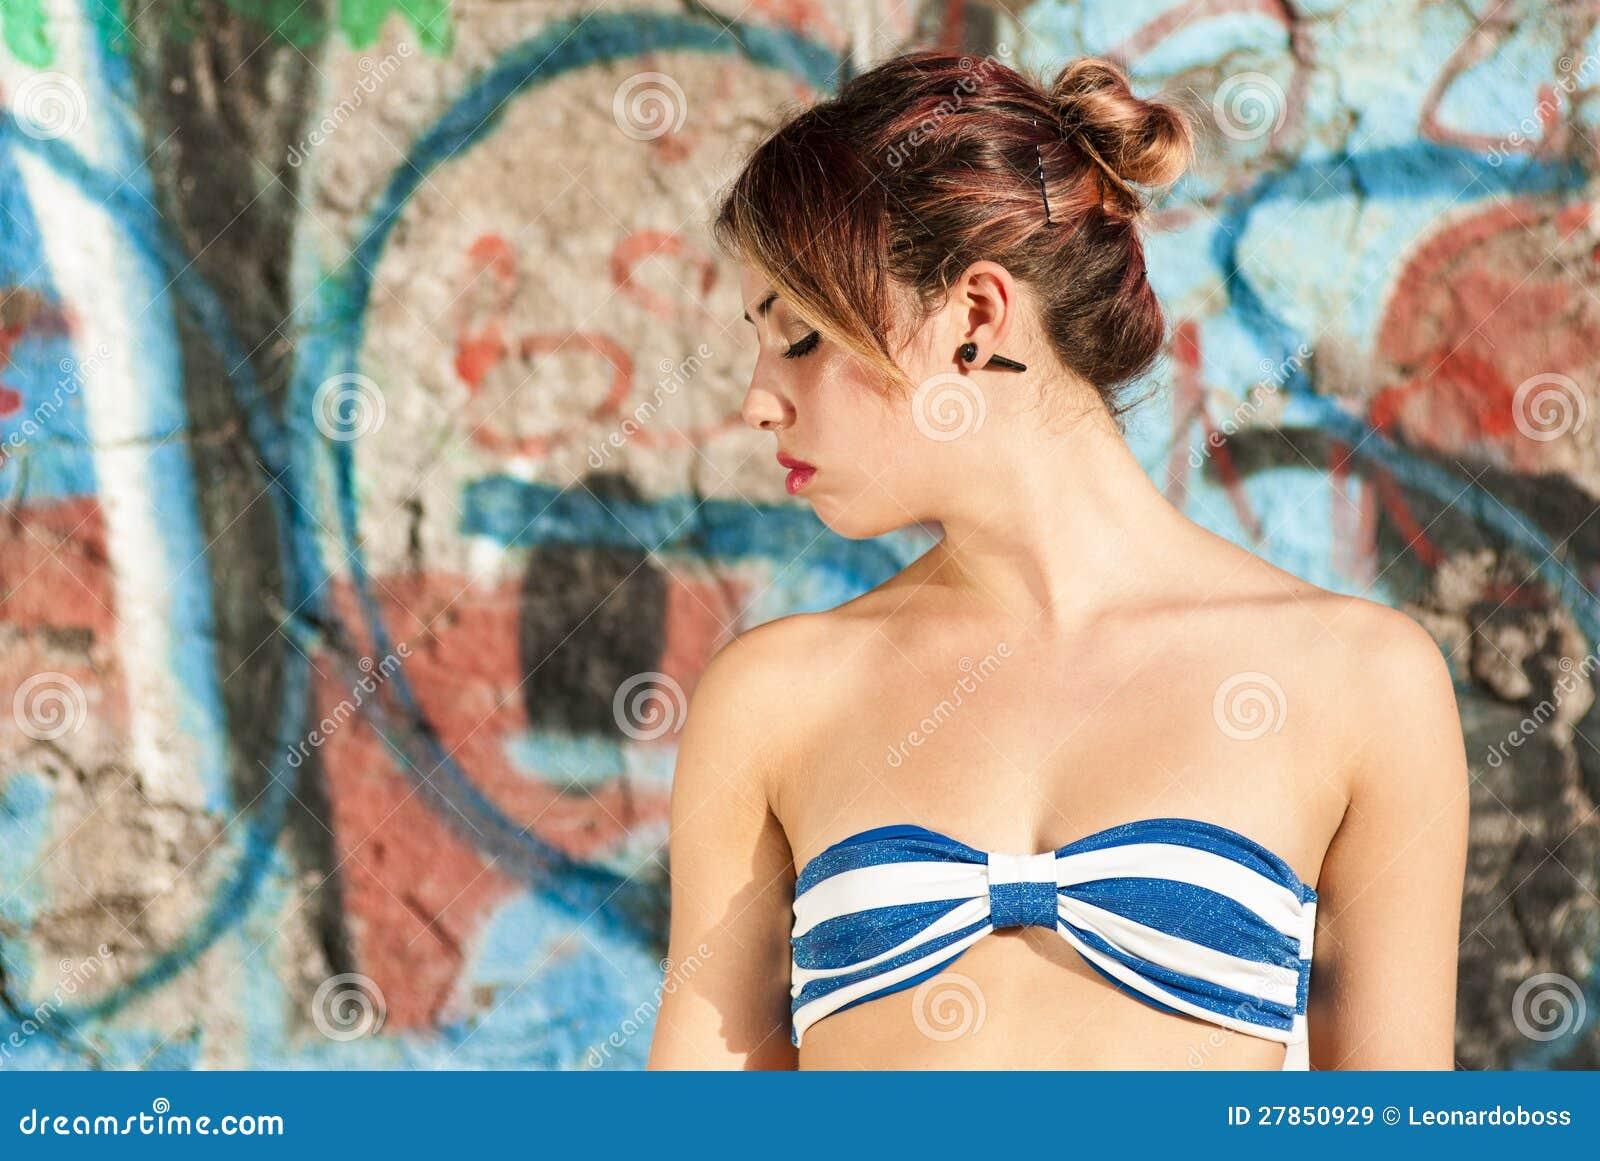 Rozważny kobieta portret